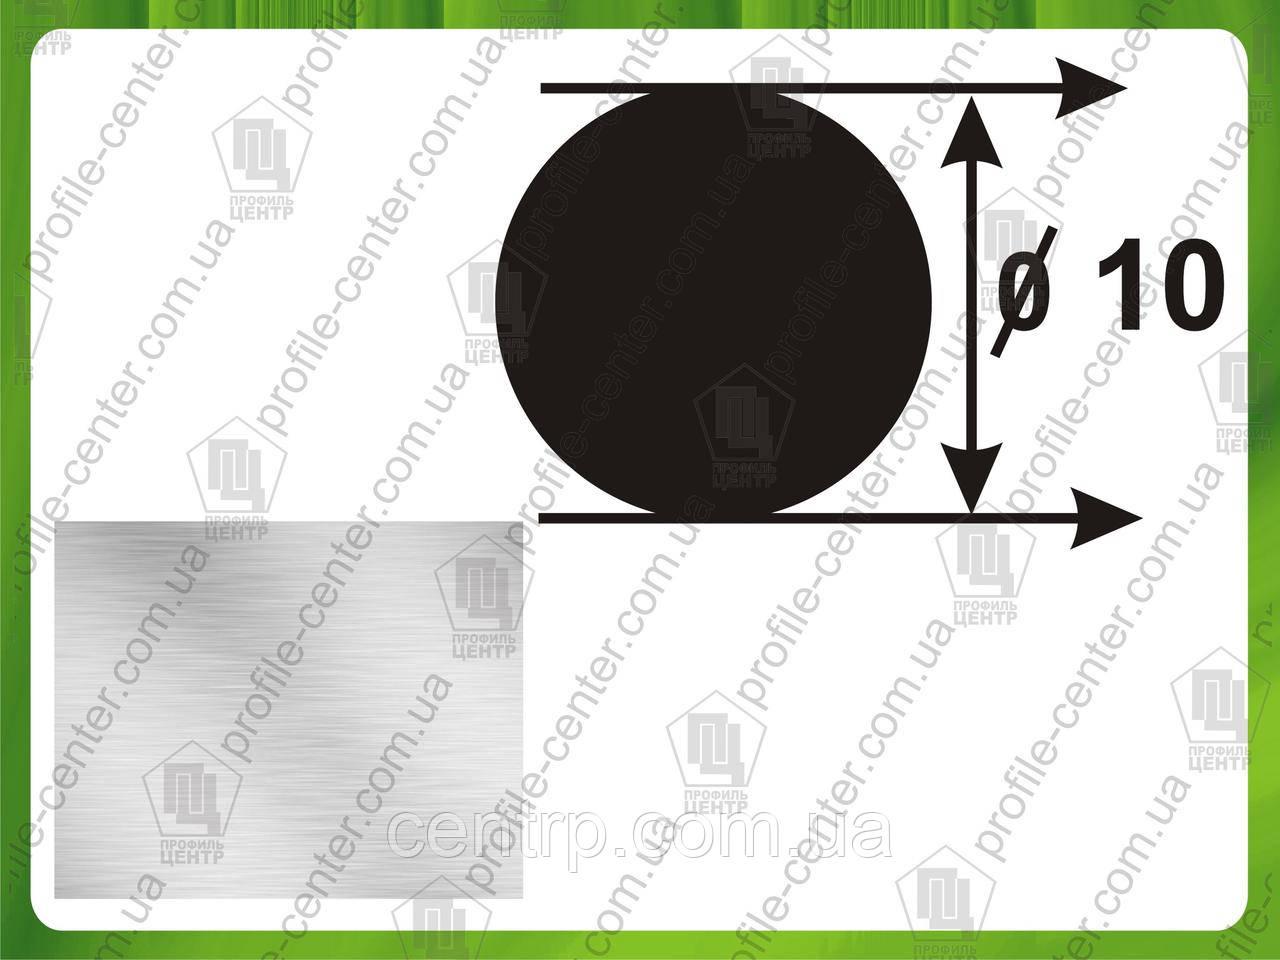 Алюминиевый круглый пруток (круг) ø 10, без покрытия